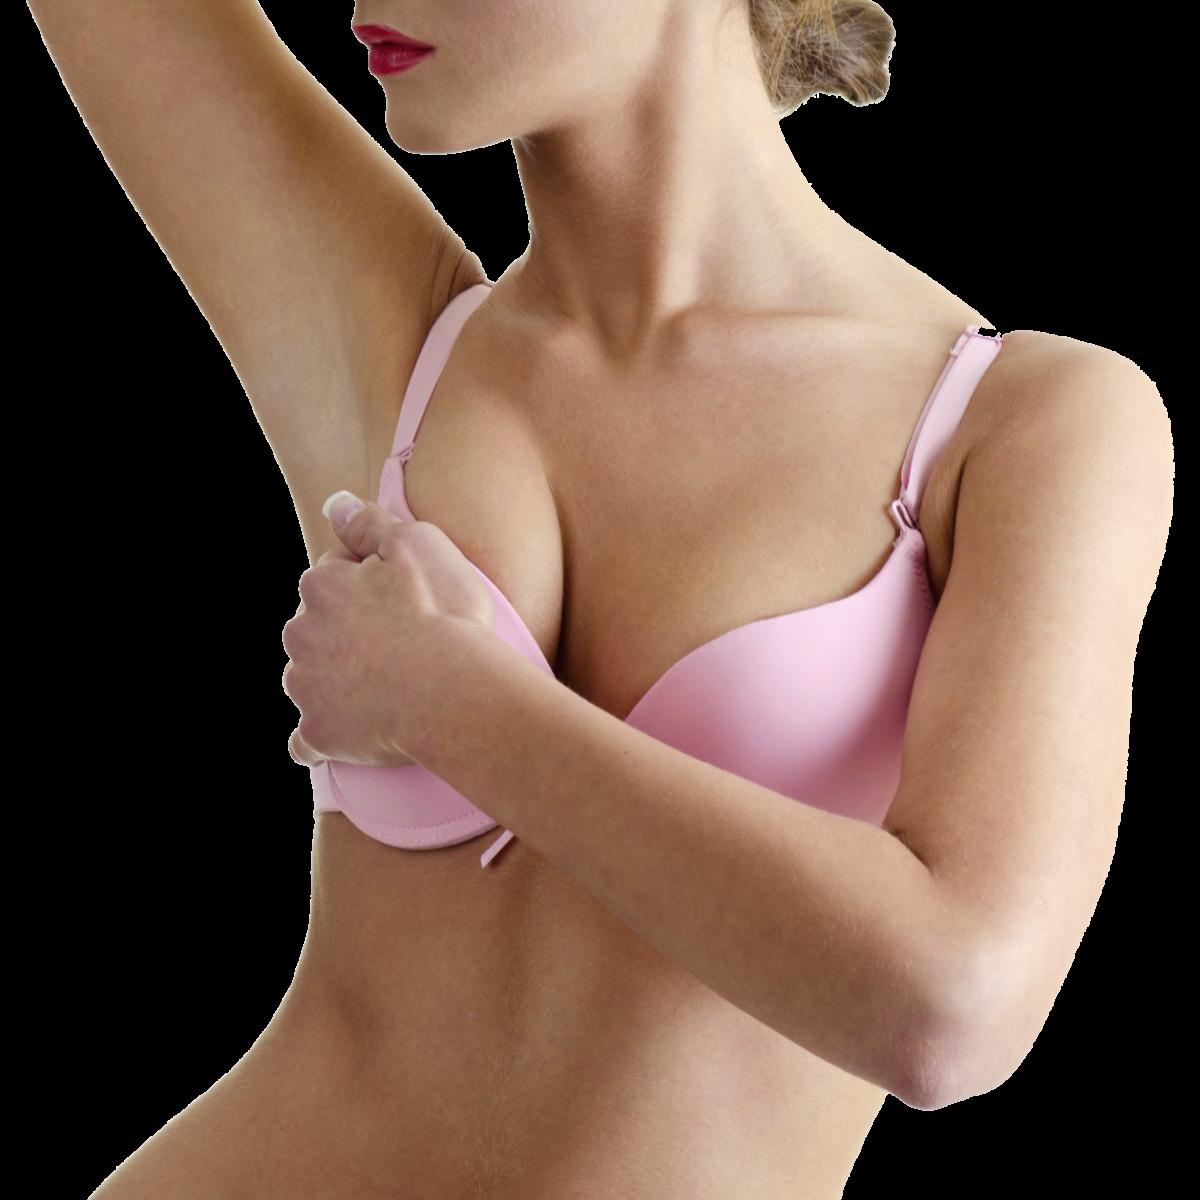 chirurgo plastico mammella